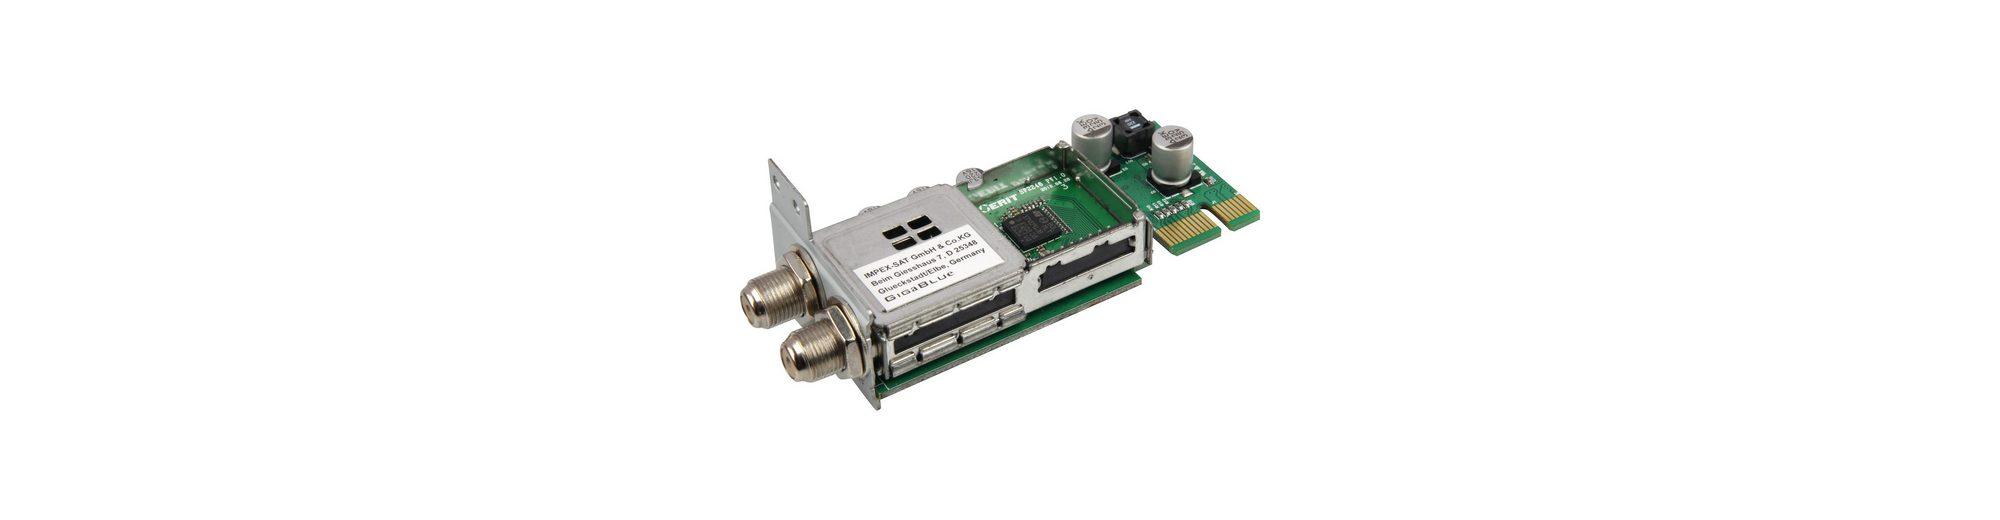 GigaBlue Tuner »DVB-S2-Tuner«